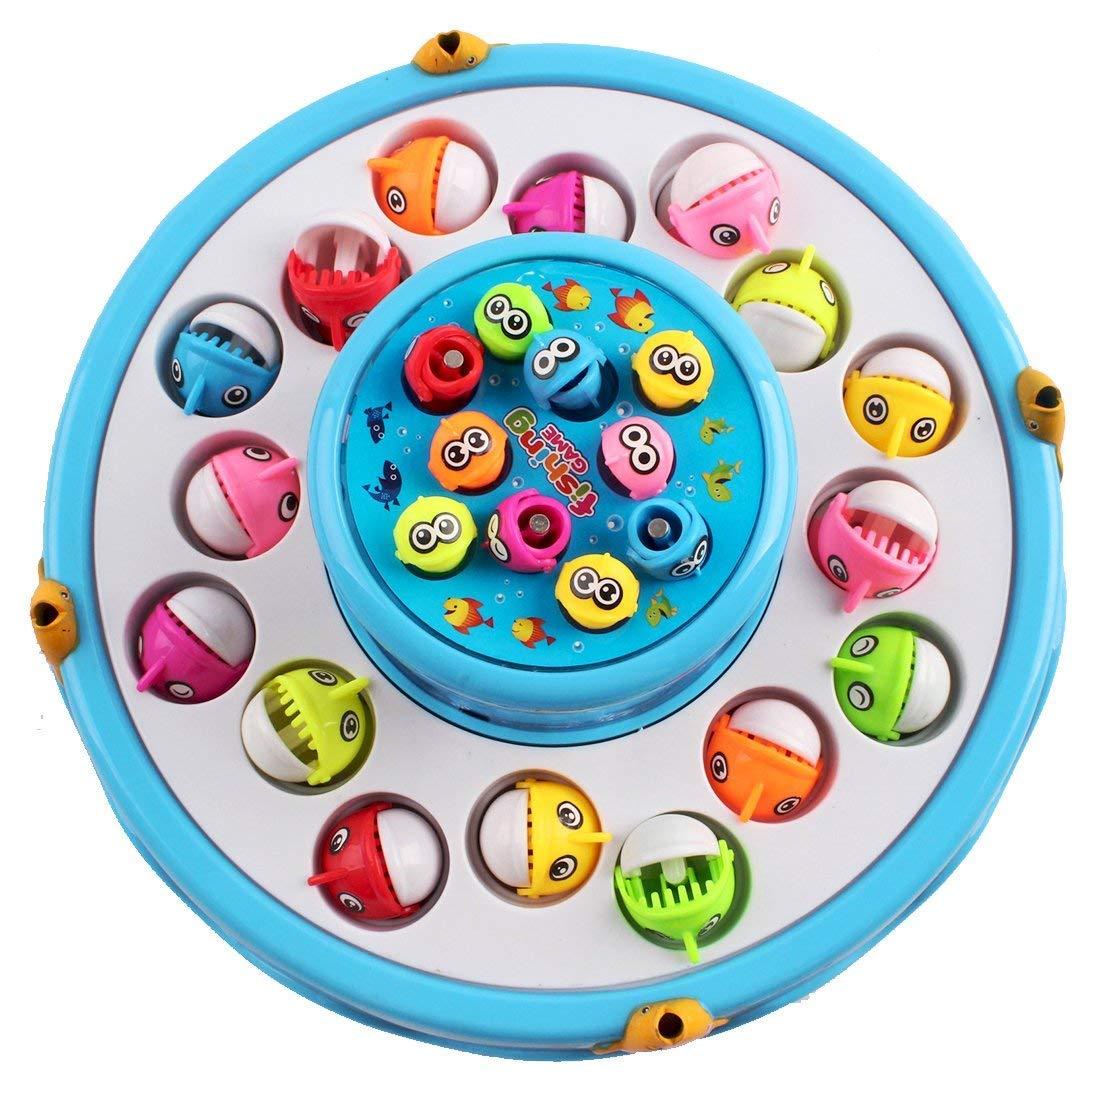 deAO Juego de Pesca Electrónico Rotatorio de Dos Niveles con Música y Luces - Incluye 4 Cañas y 26 Peces (Azul): Amazon.es: Juguetes y juegos